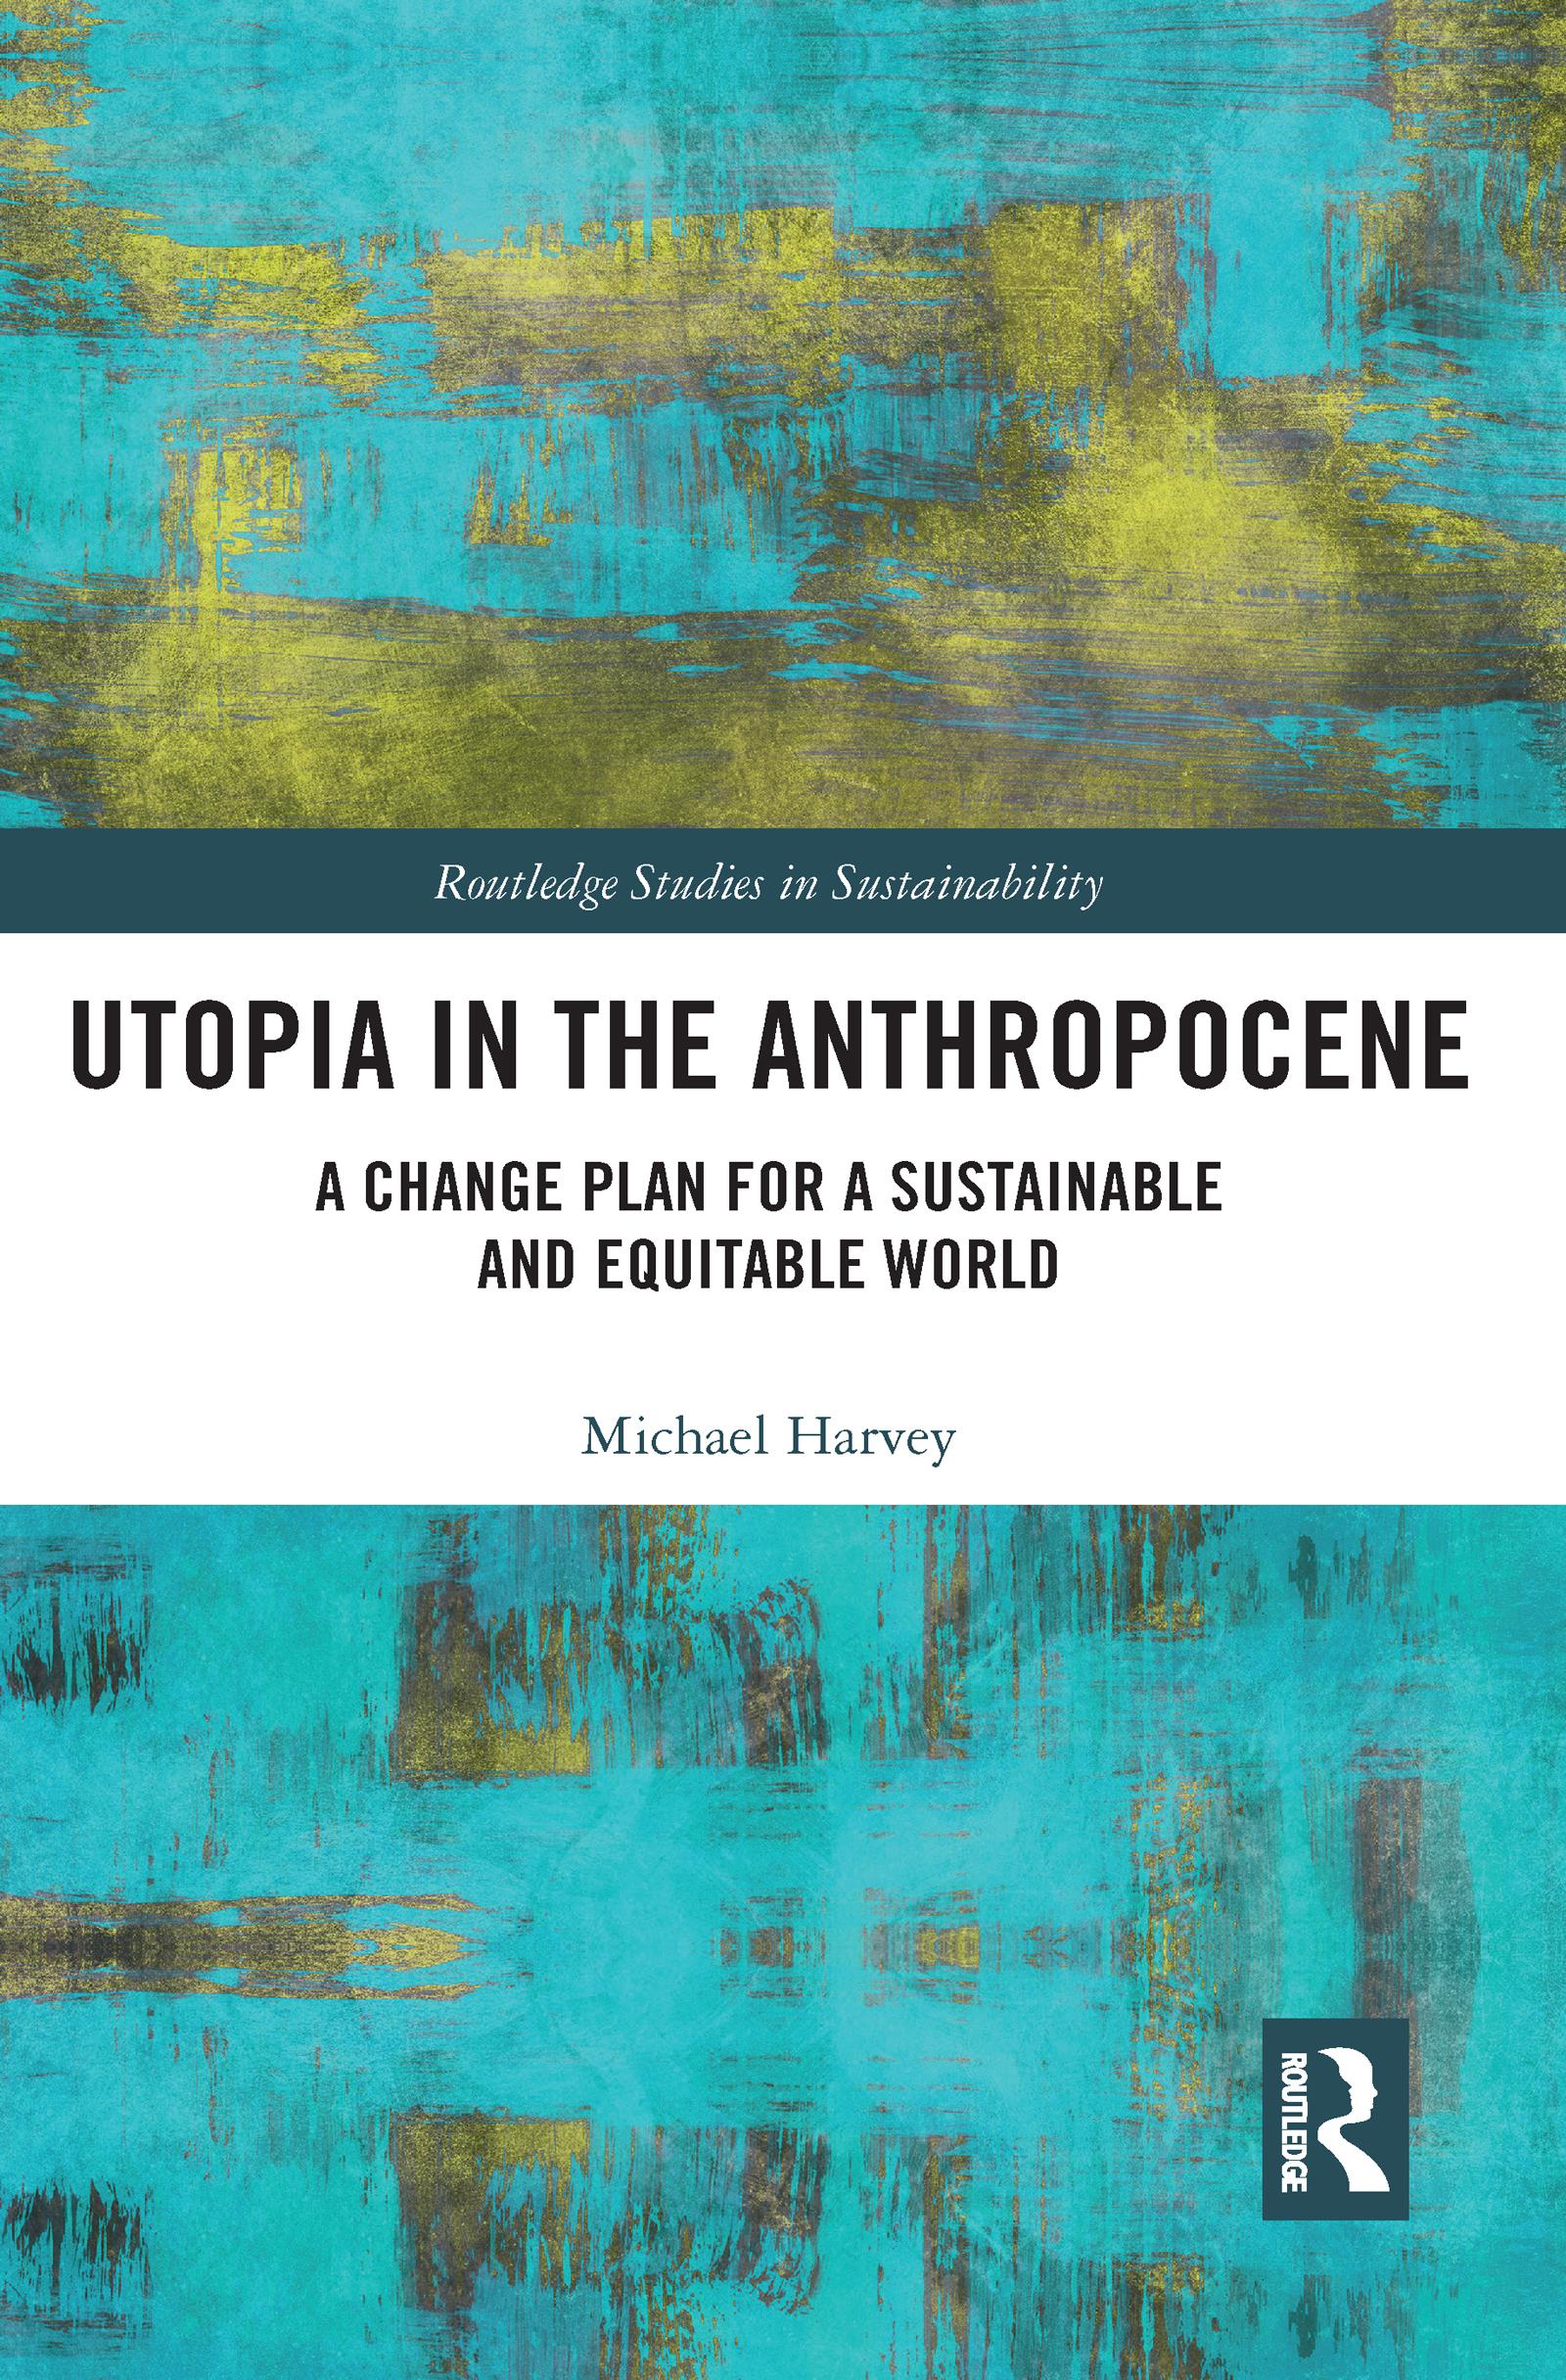 Utopia in the Anthropocene